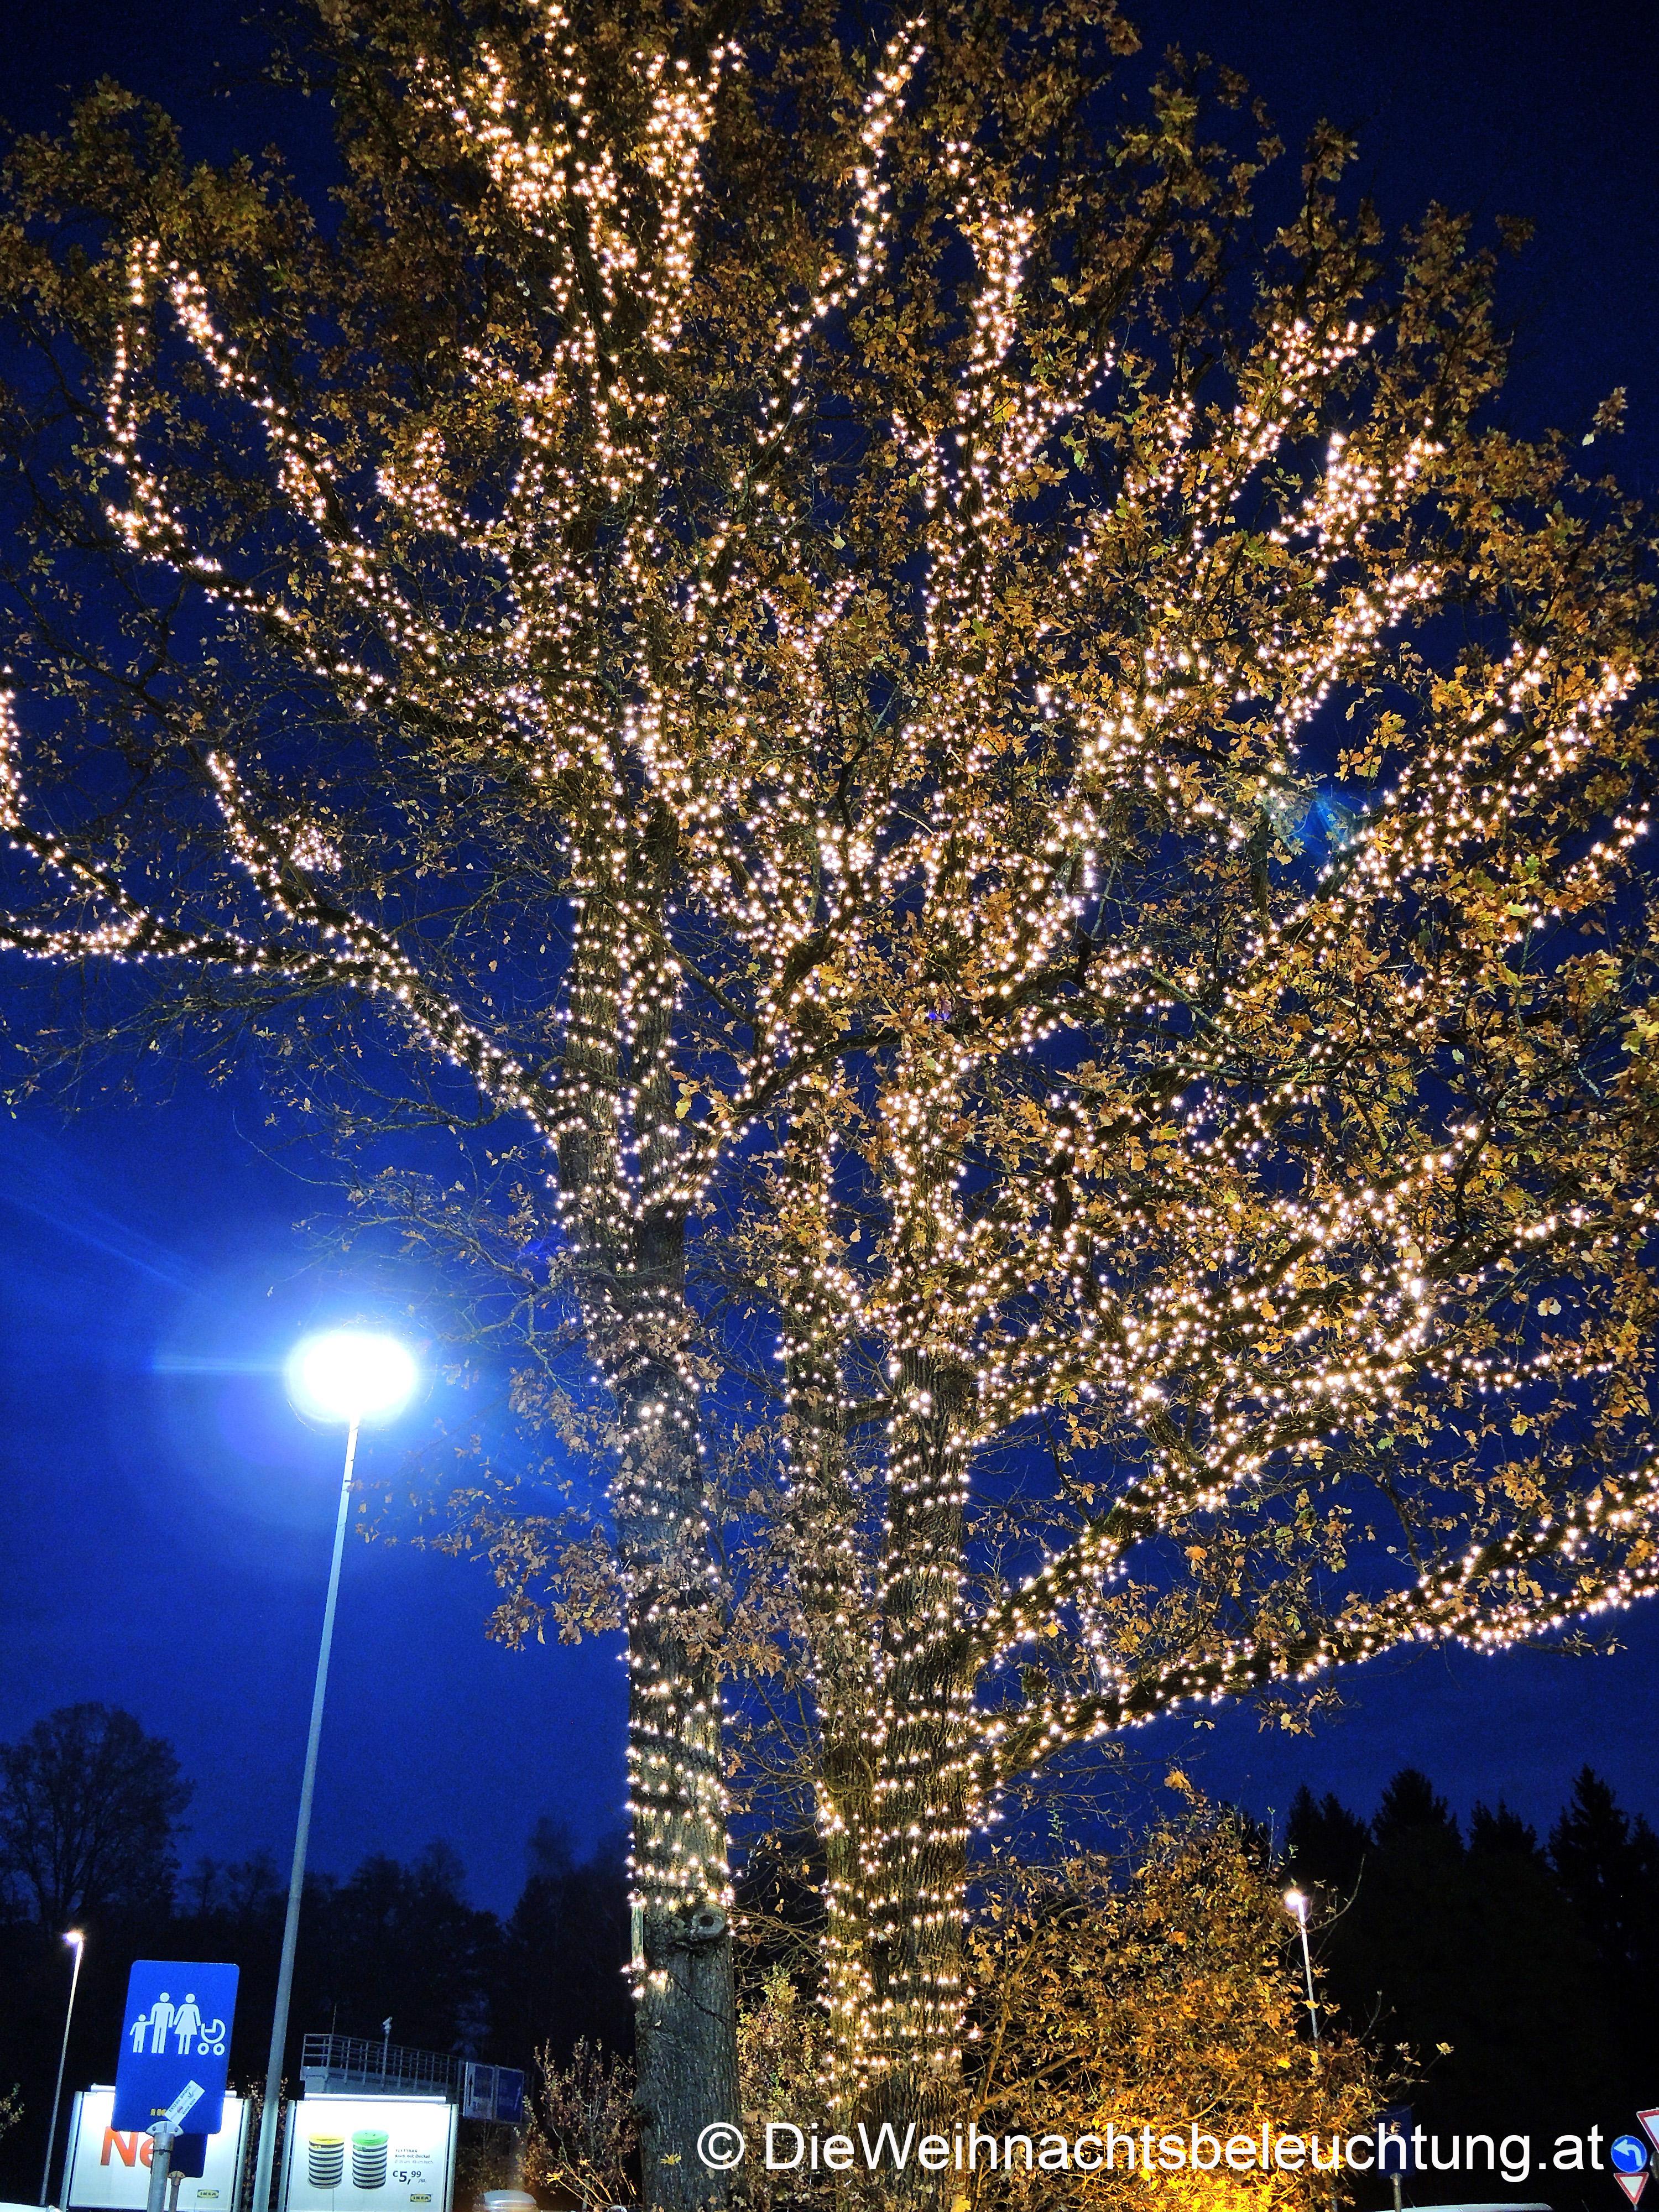 Led Weihnachtsbeleuchtung Baum.Weihnachtsbeleuchtung Für Firmen Und Geschäfte